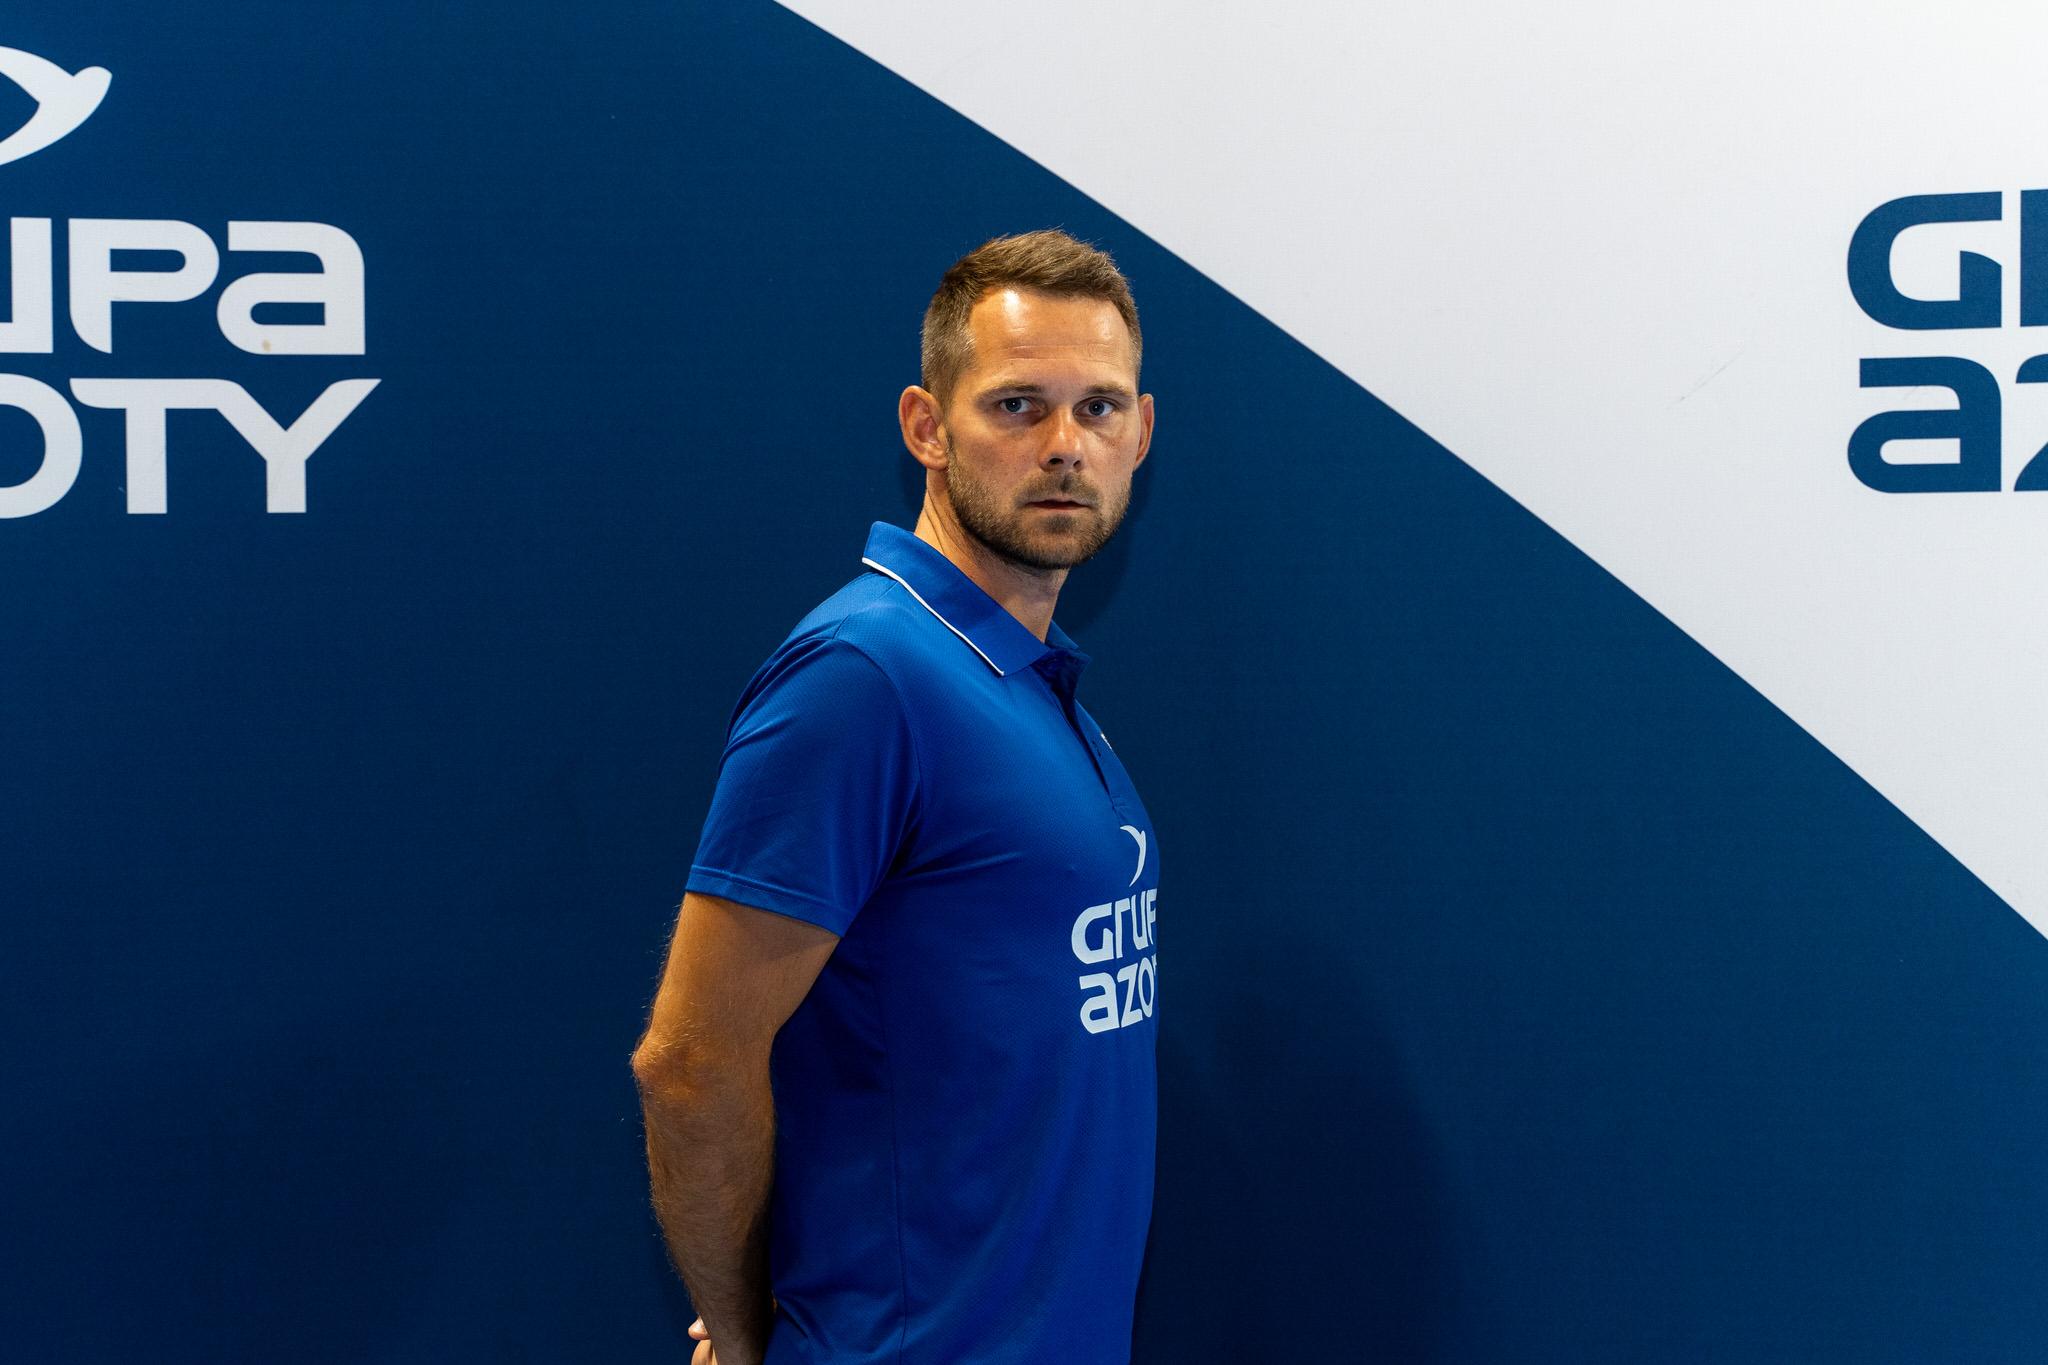 KOLEJNI TRENERZY Z LICENCJĄ UEFA A W AKADEMII